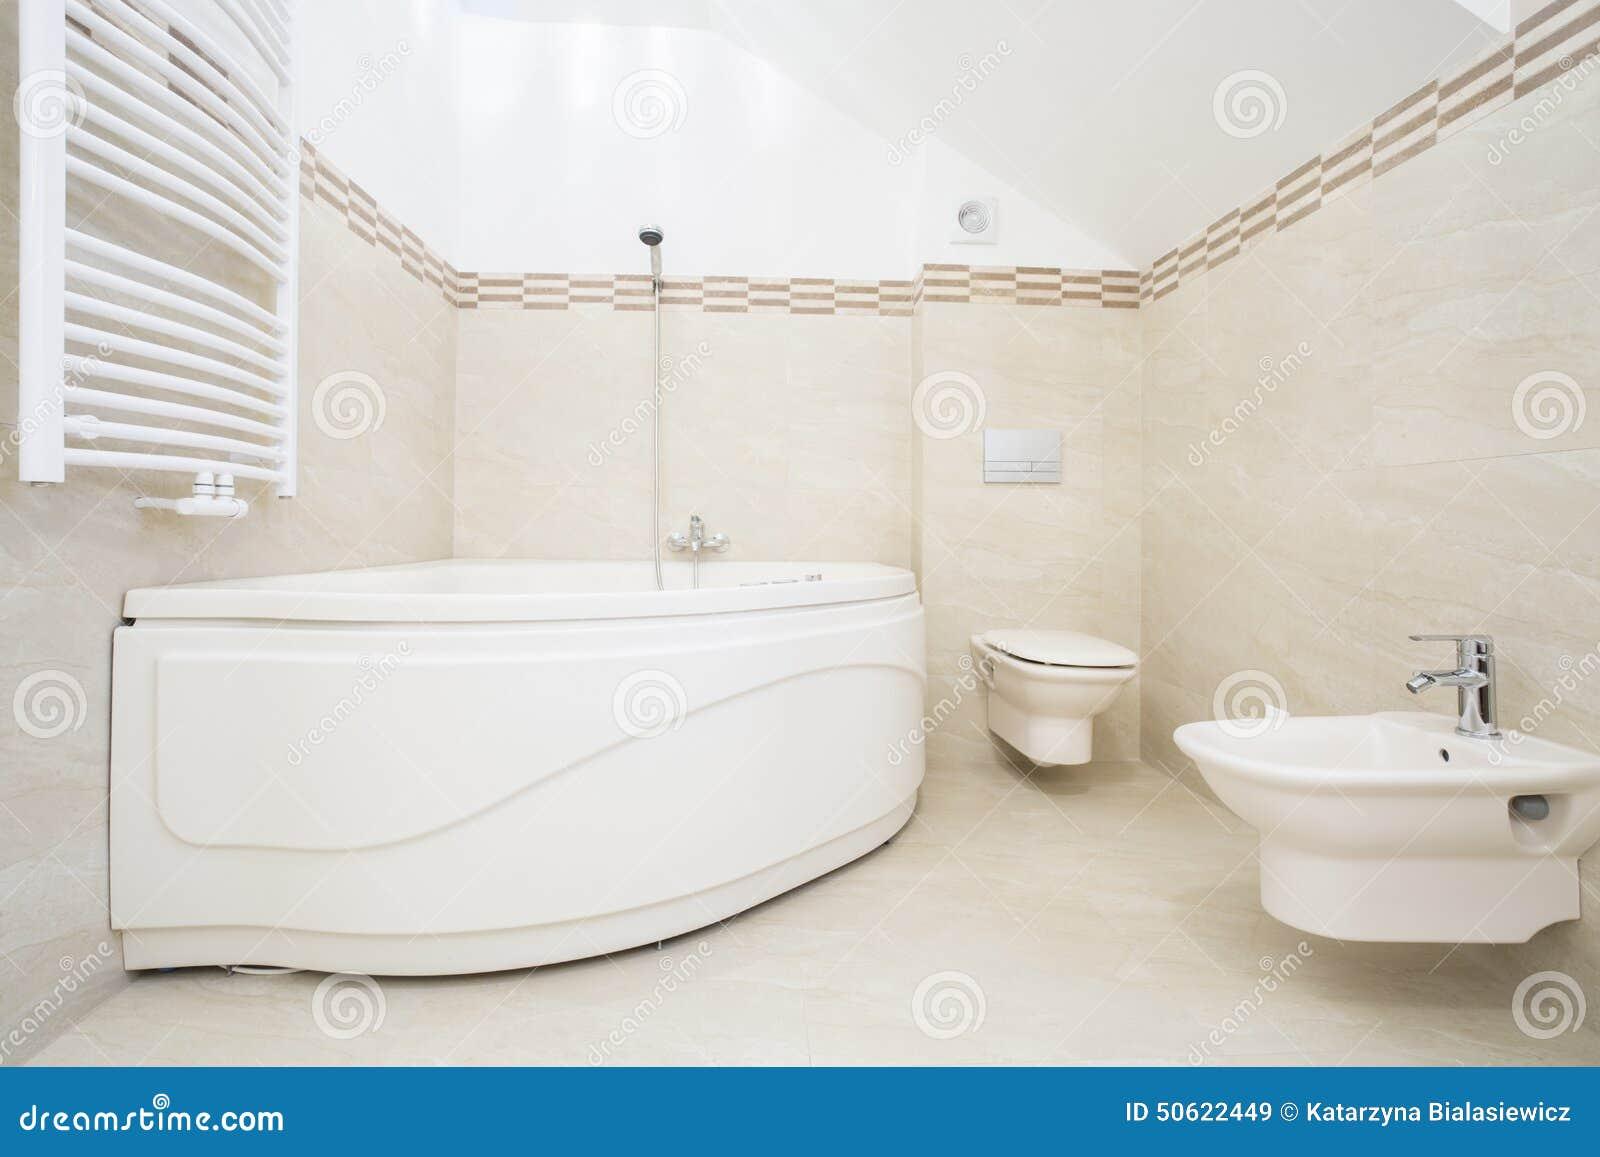 Groot bad in luxueuze badkamers stock foto afbeelding 50622449 - Badkamer meubilair ontwerp eigentijds ...